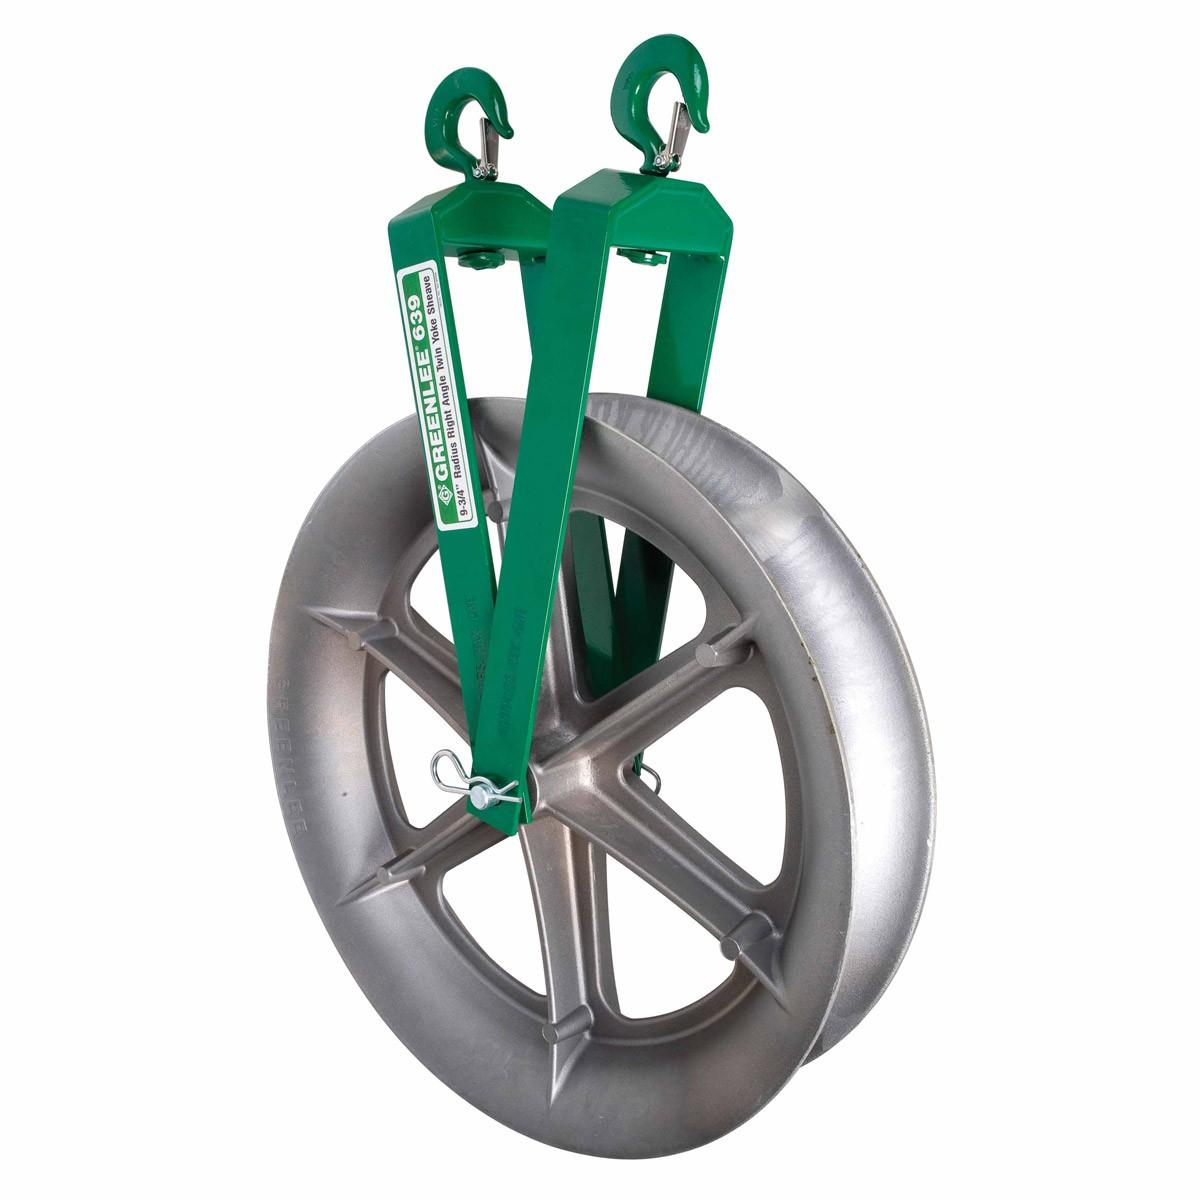 Luxury Greenlee Wire Puller Crest - Wiring Diagram Ideas - blogitia.com